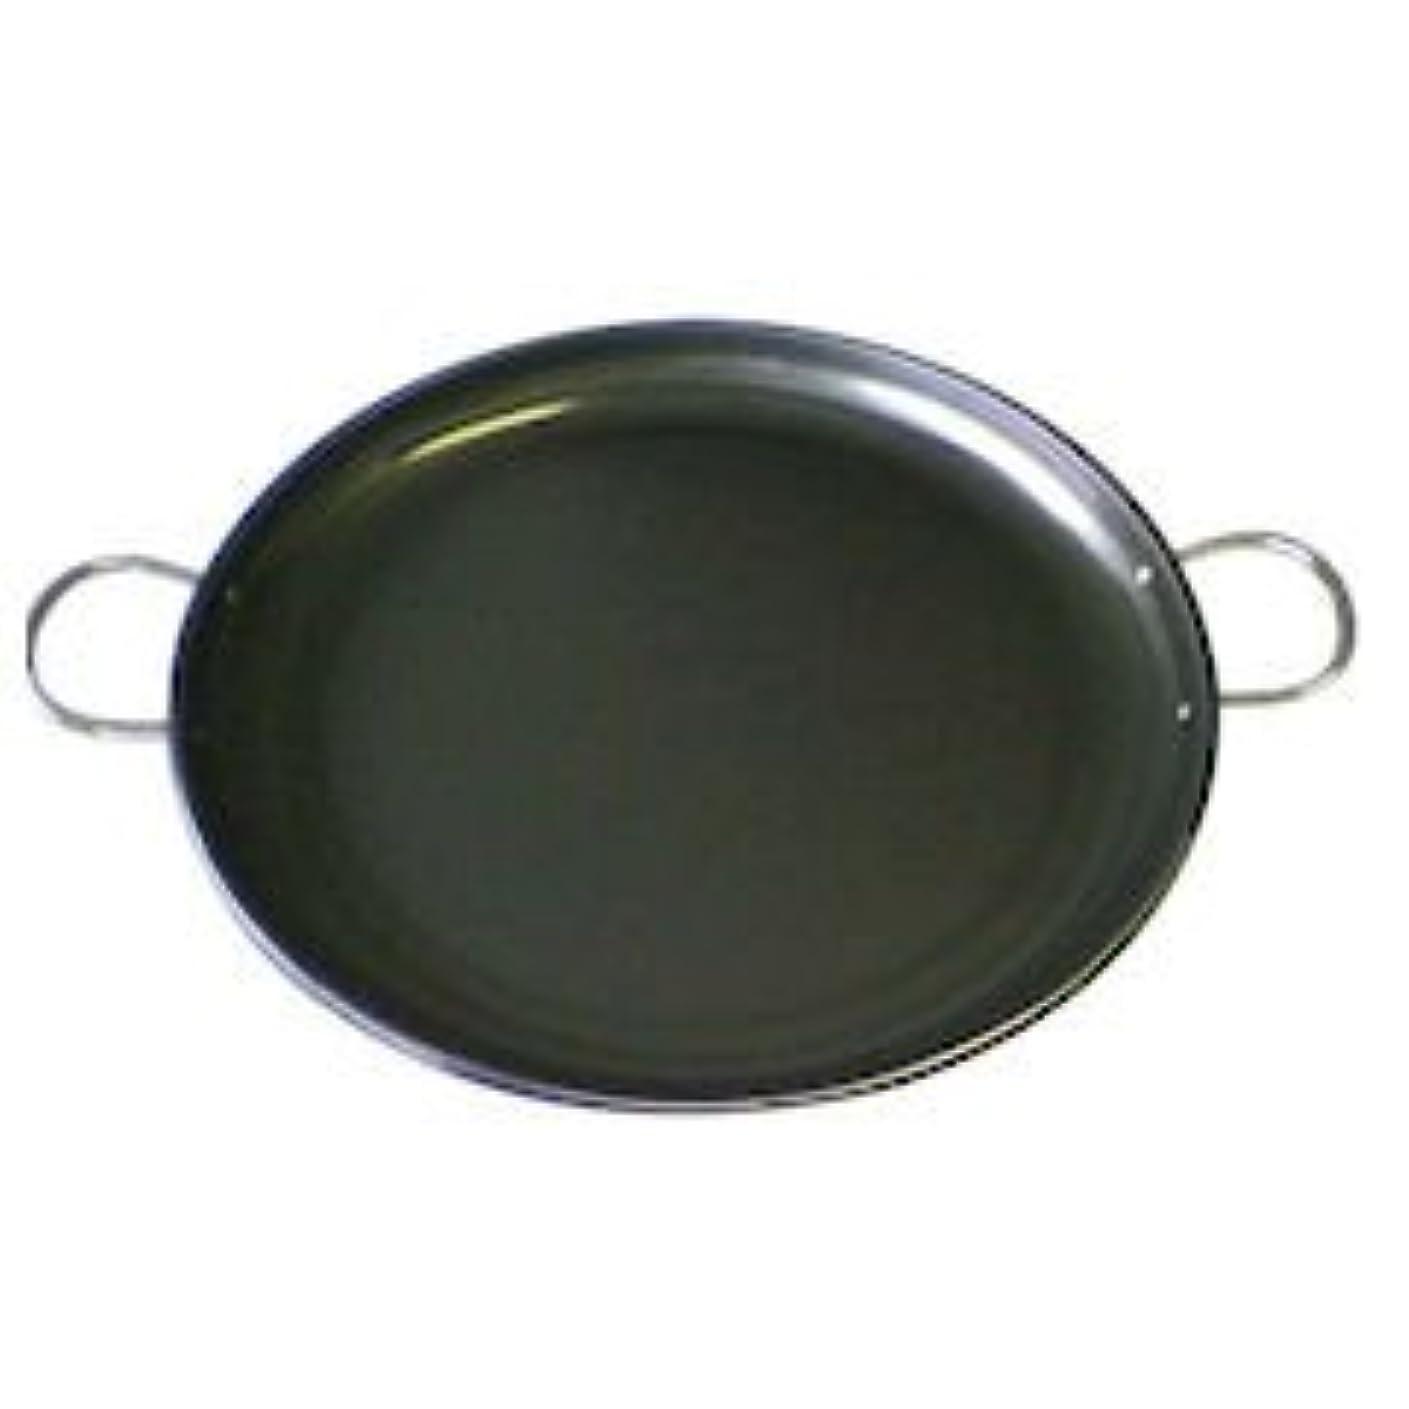 強盗ランチョン警告鉄 パエリア鍋 パートII 40cm